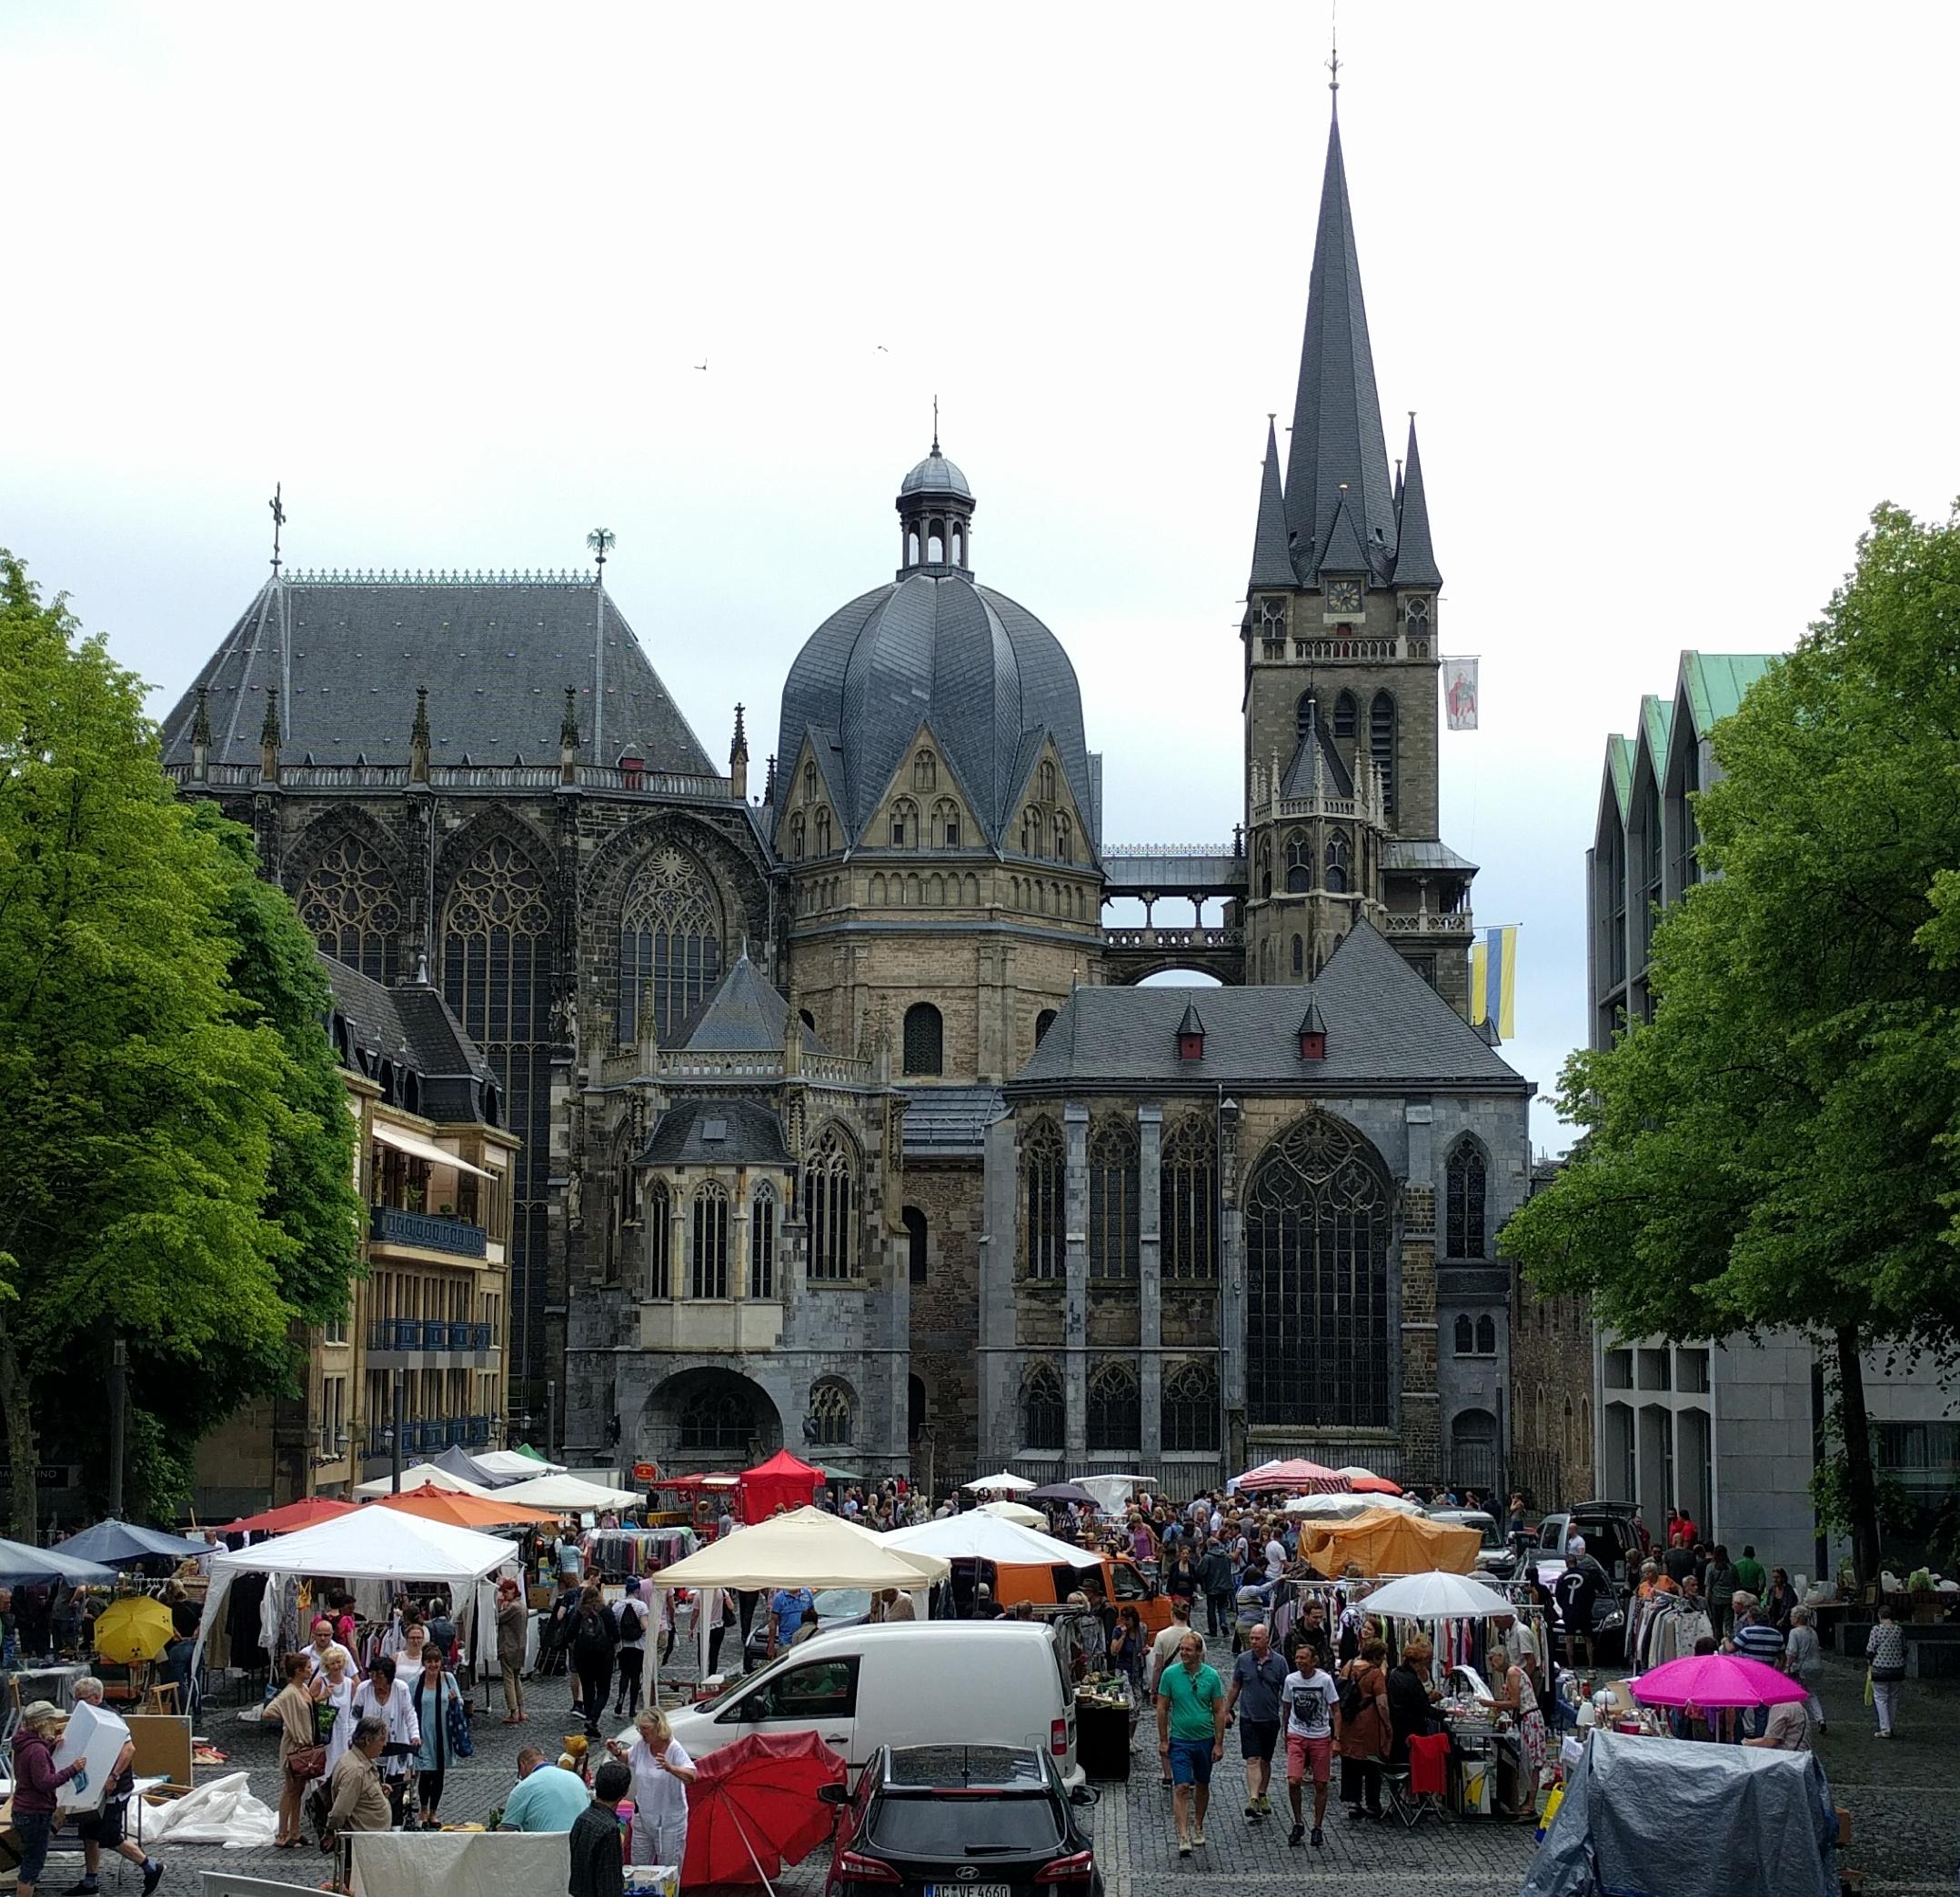 Altstad-Flohmarkt auf dem Aachener Katschof